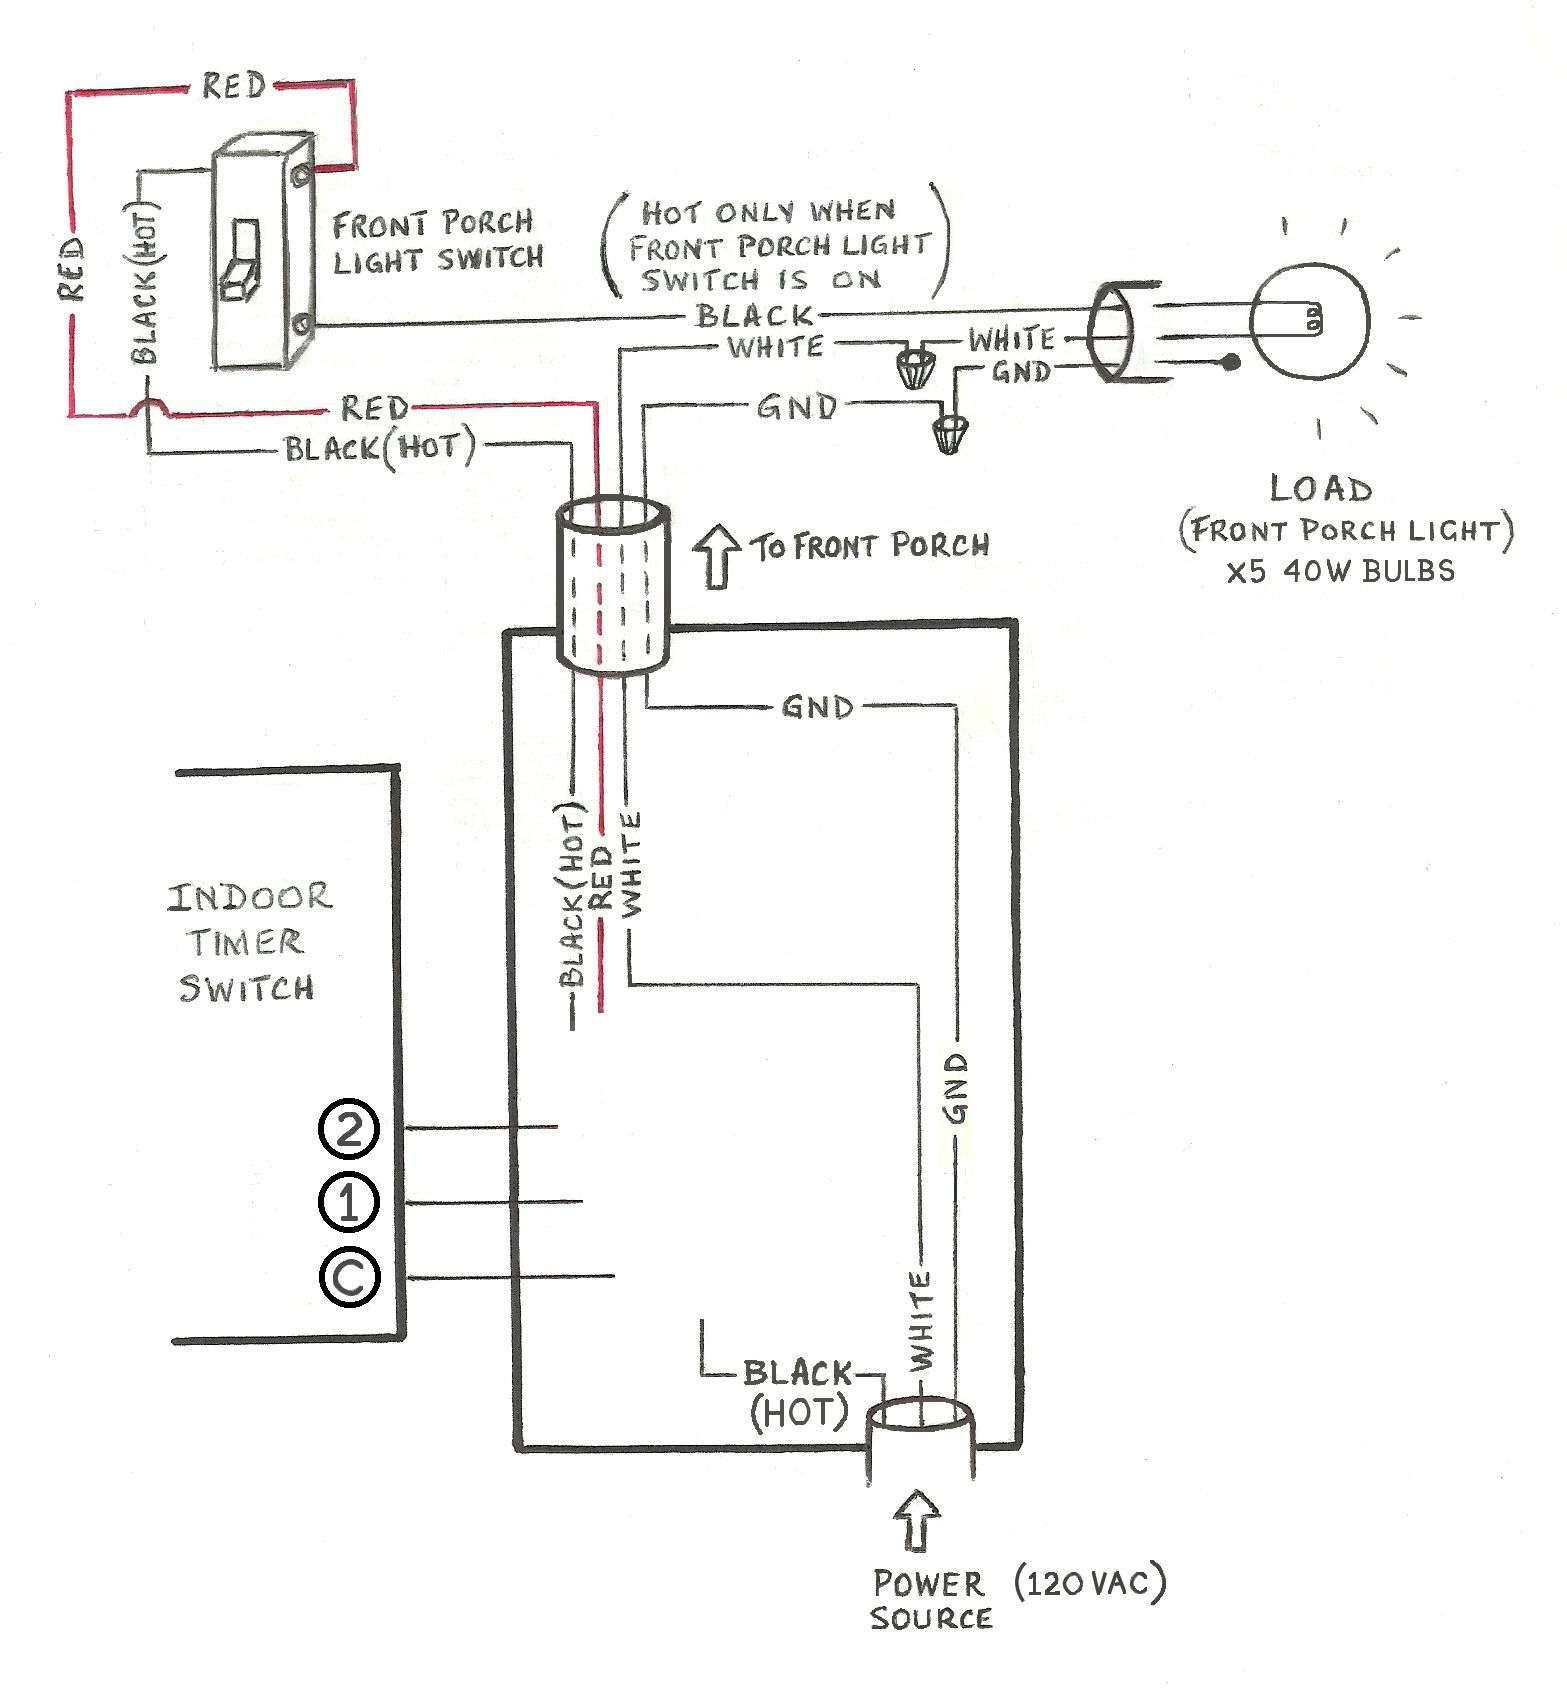 Wiring Diagram Bathroom. ly Wiring Diagram Bathroom ... on